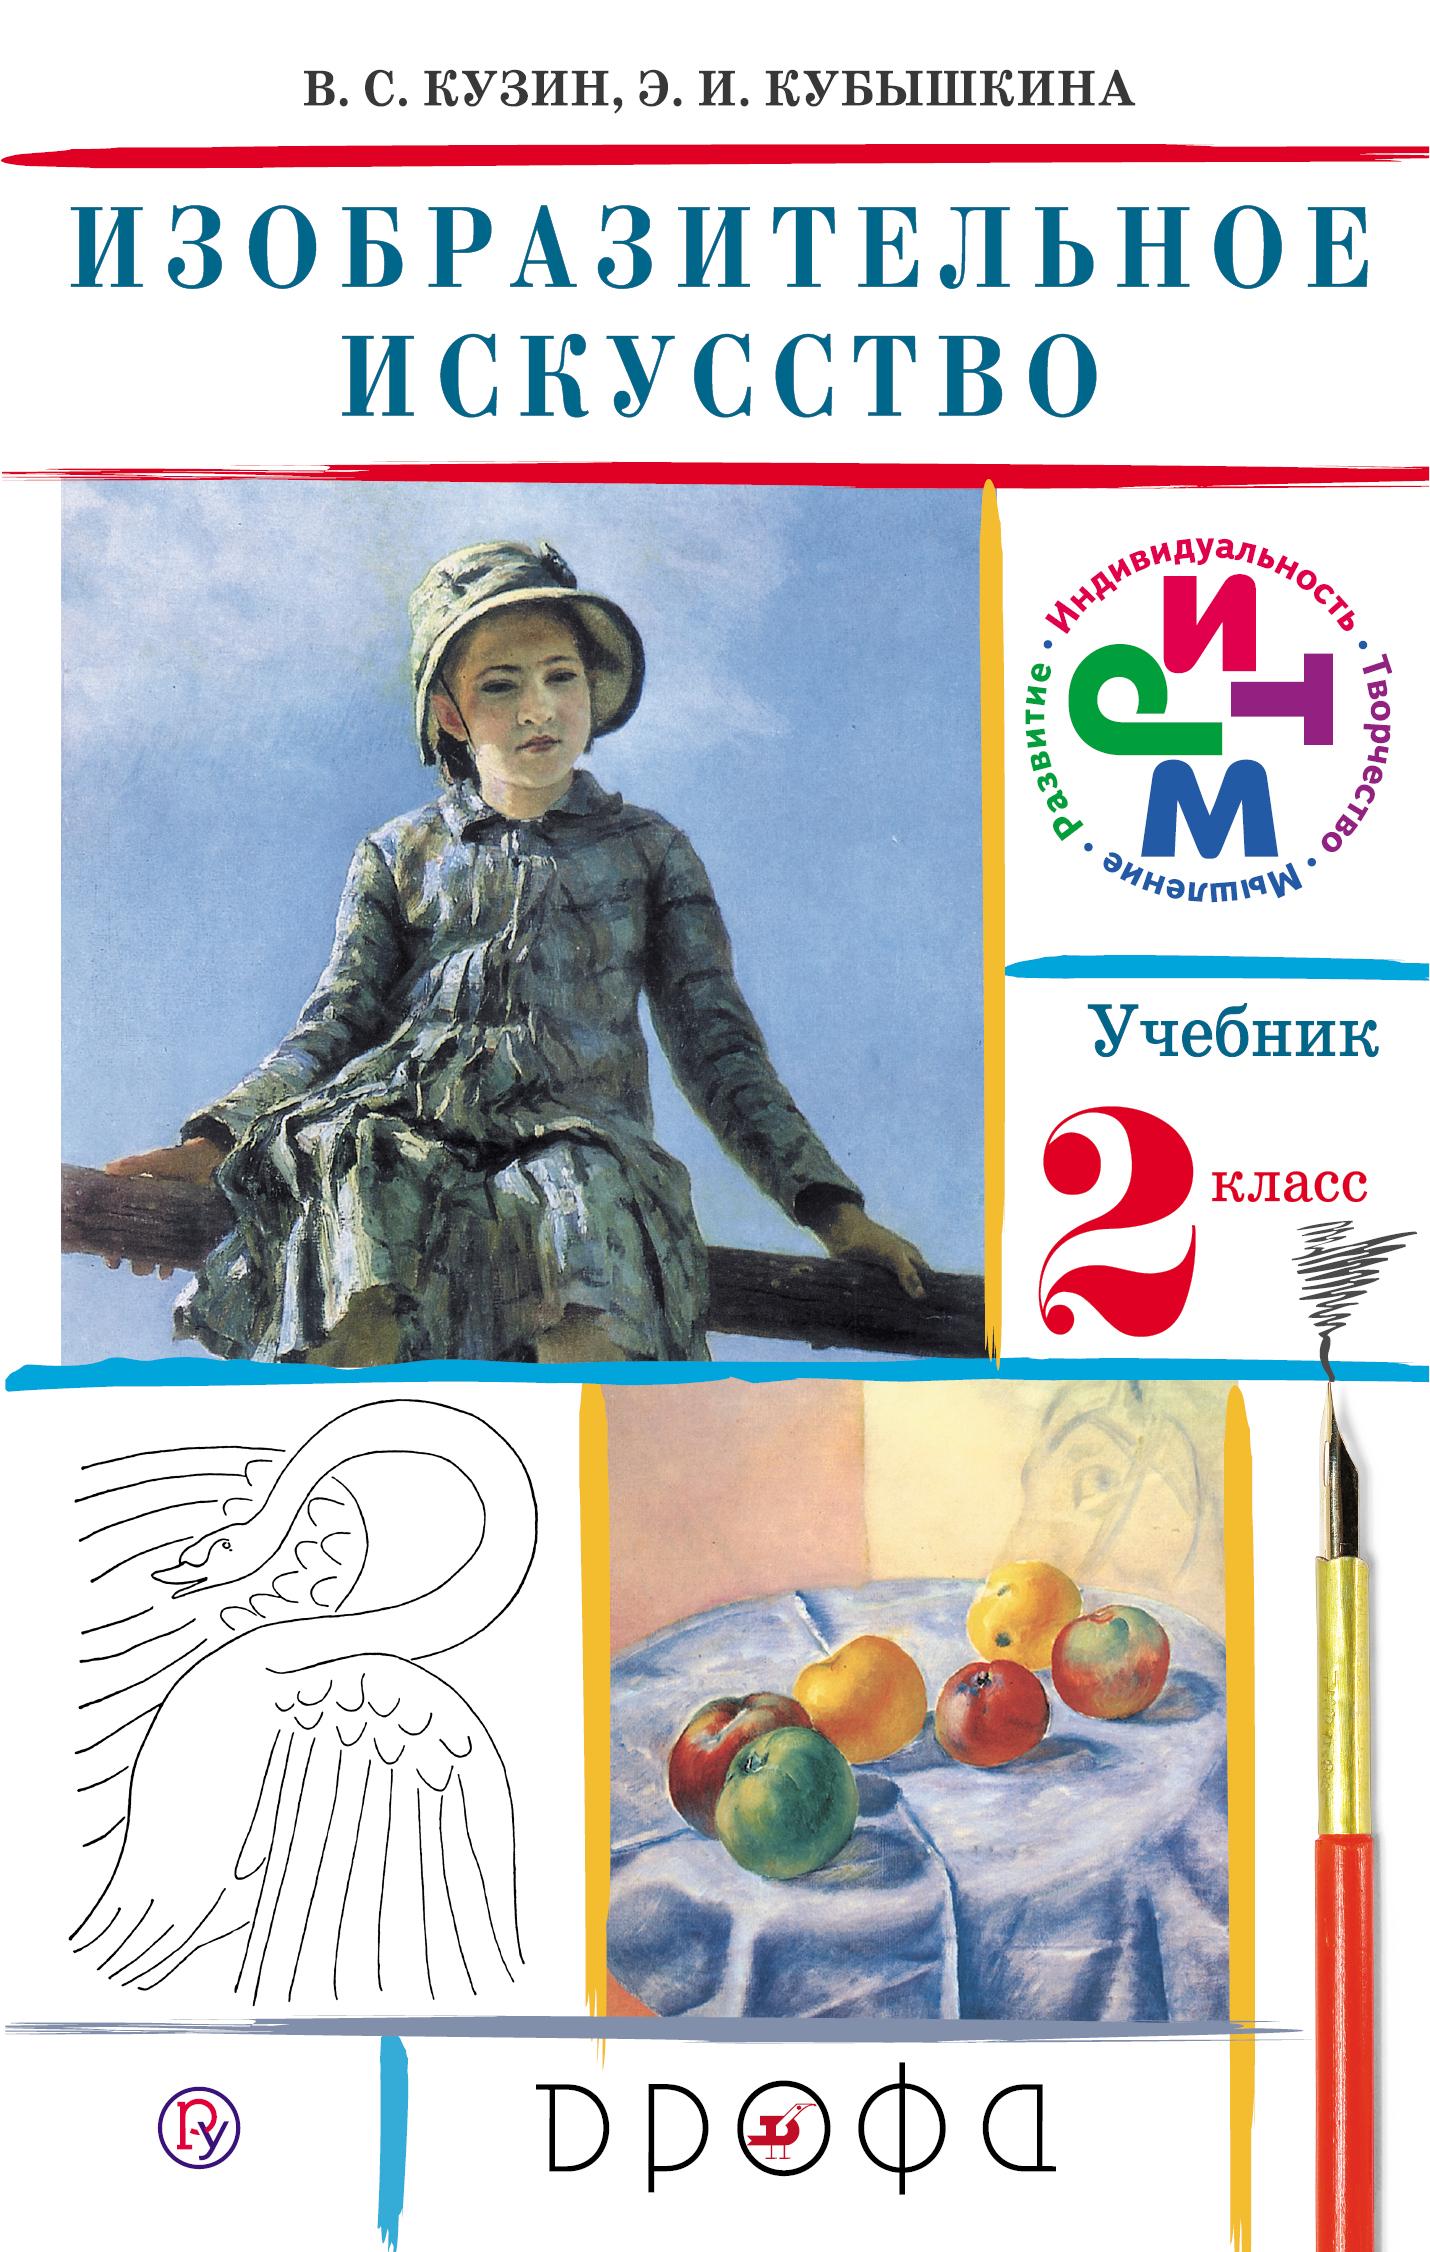 Кузин В.С., Кубышкина Э.И. Изобразительное искусство. 2 класс. Учебник. кузин в кубышкина э изобразительное искусство 2 класс учебник 16 е издание стереотипное